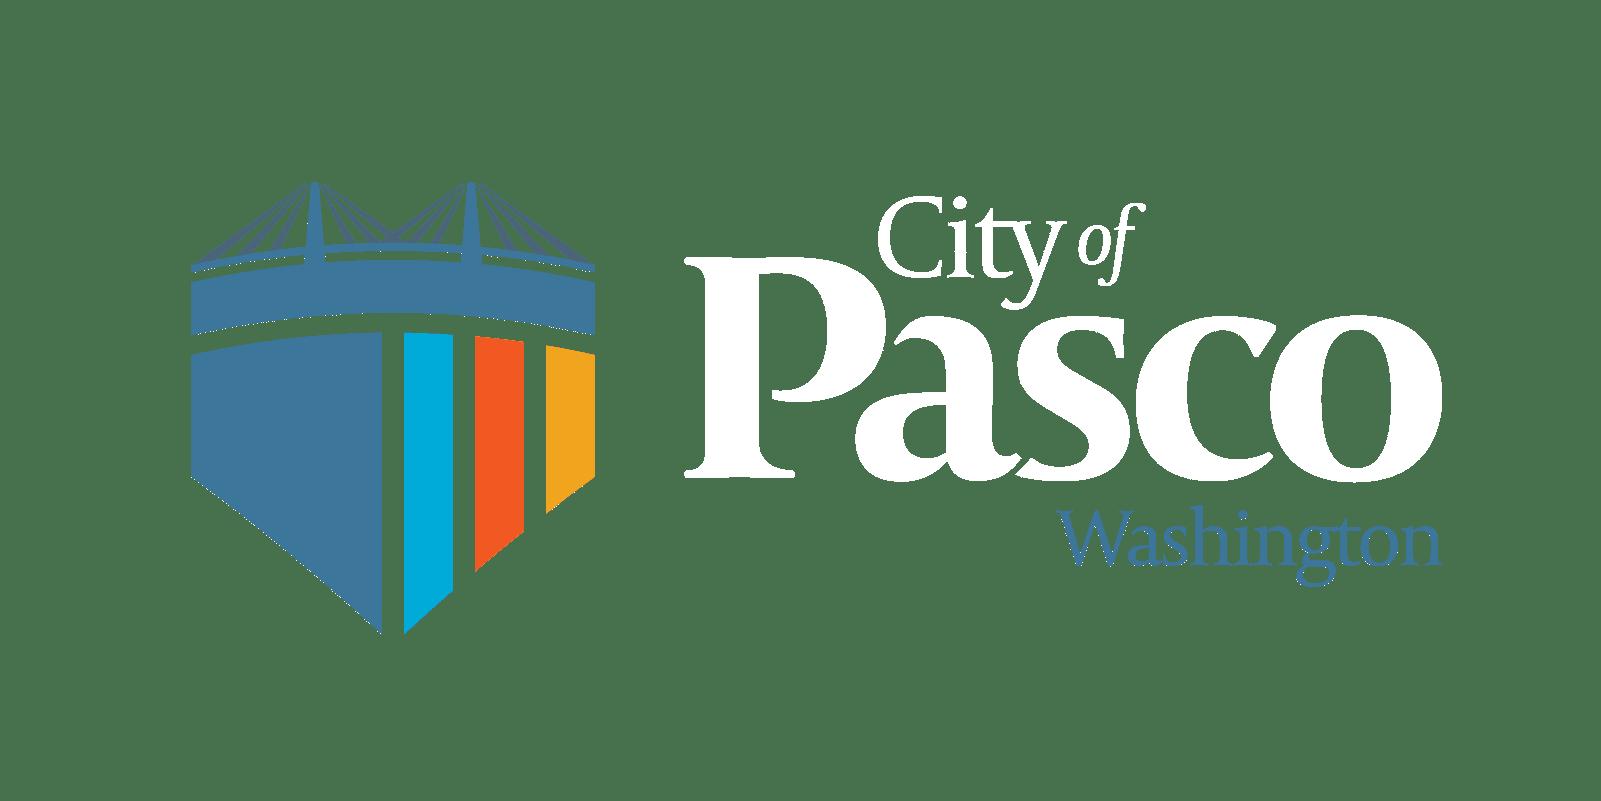 City of Pasco logo